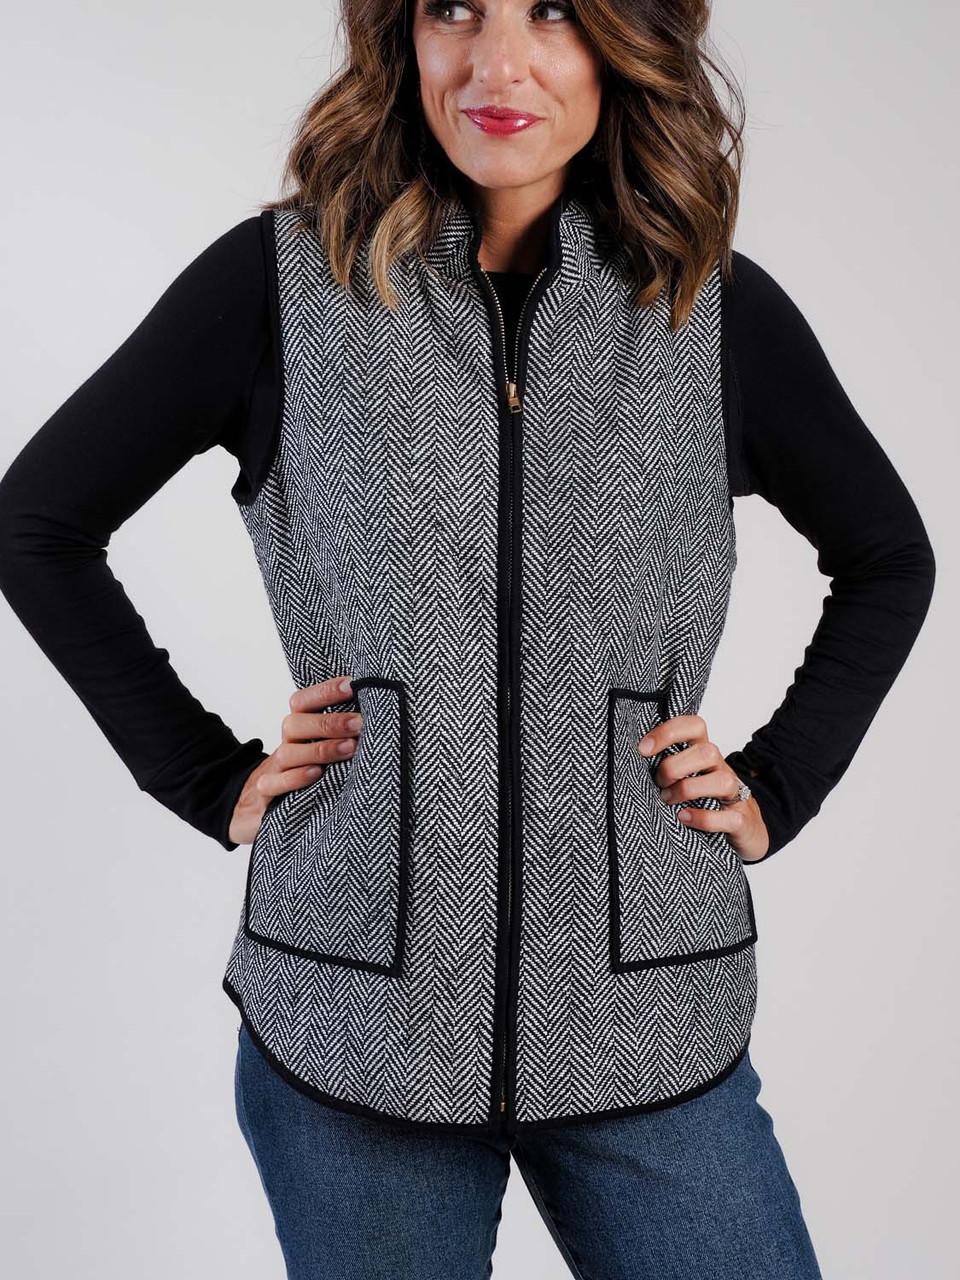 herrringbone vest